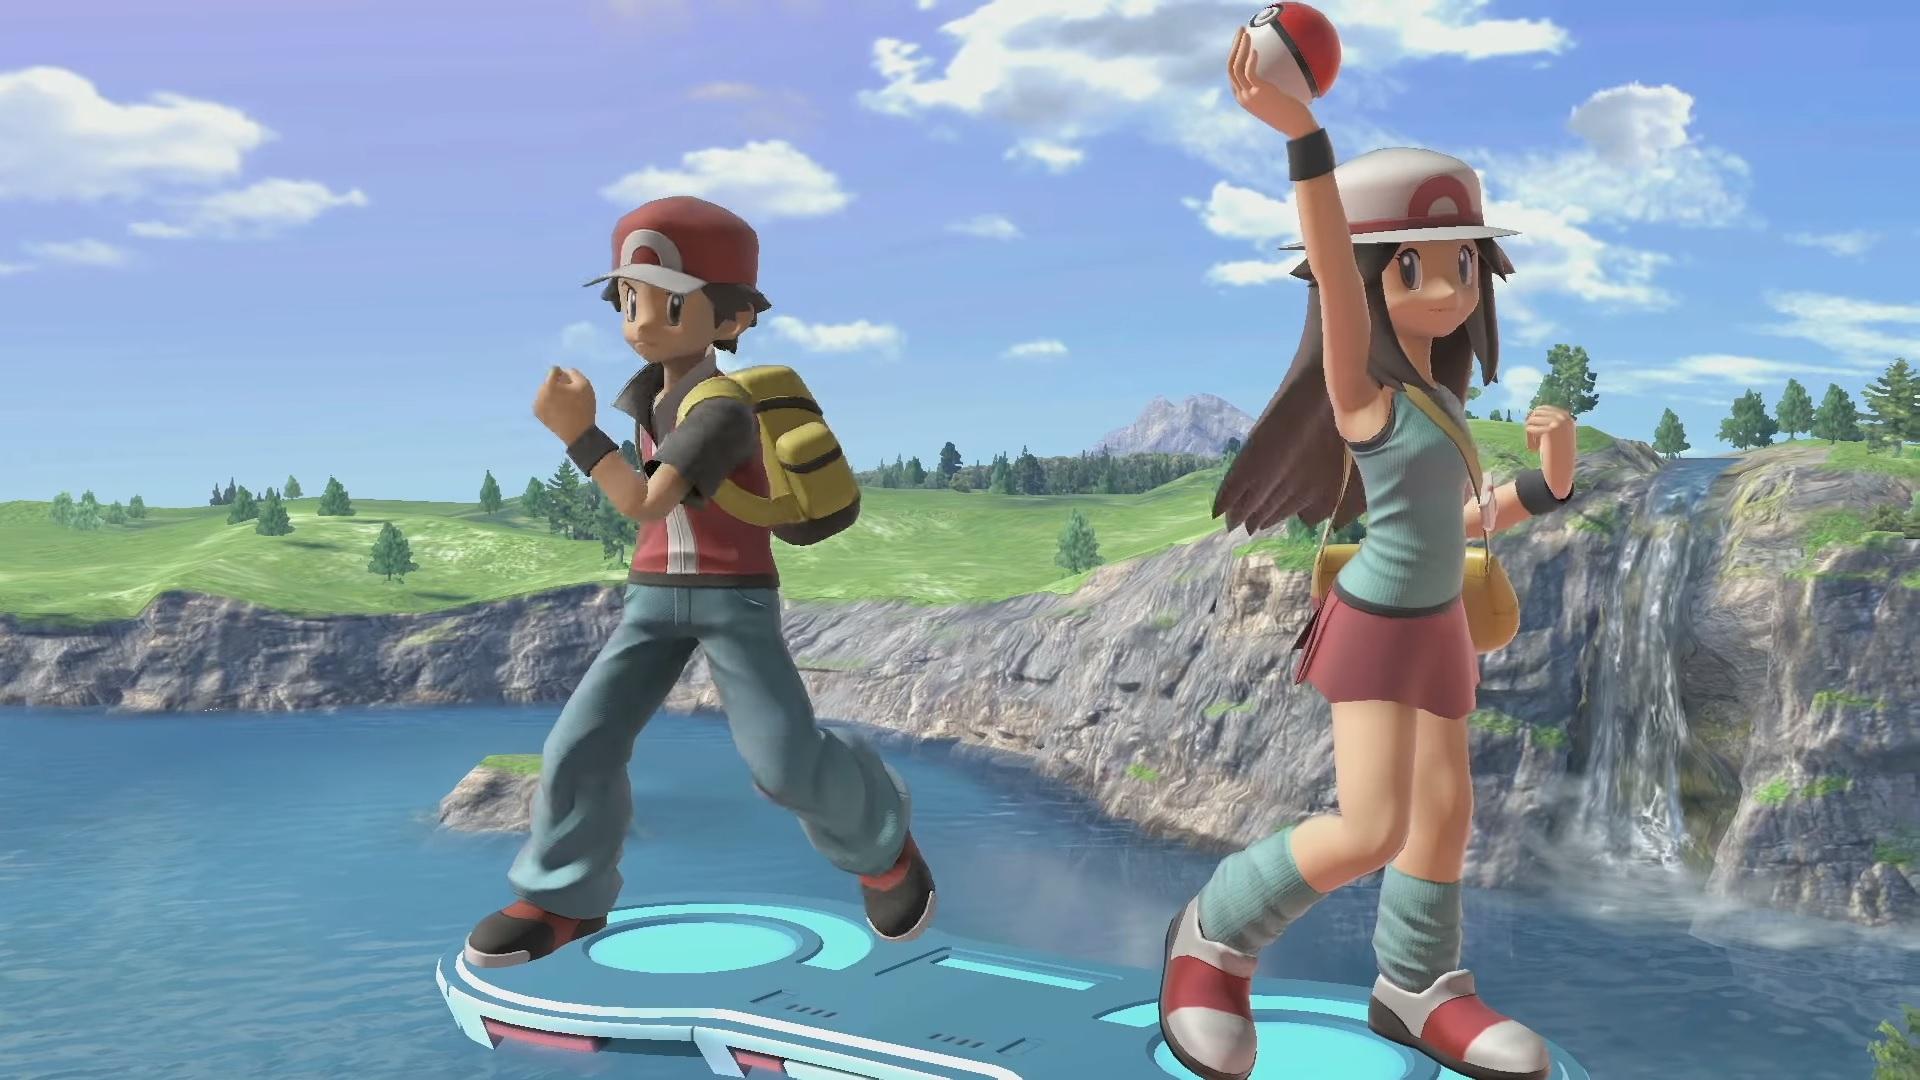 Smash Pokemon Trainer Guide